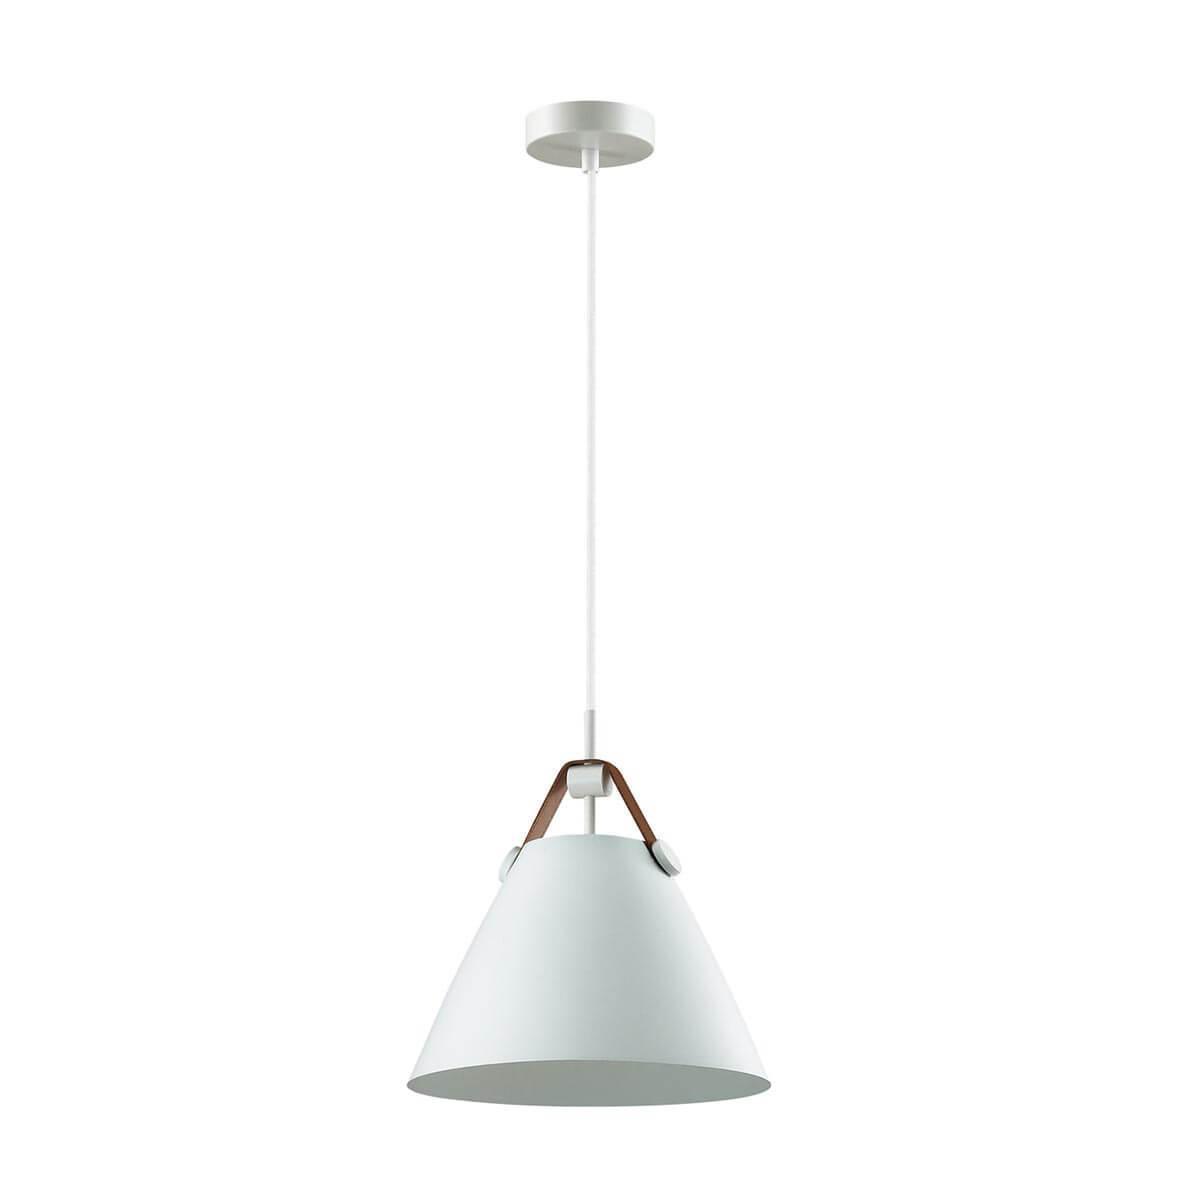 Подвесной светильник Lumion 3720/1, E27, 60 Вт